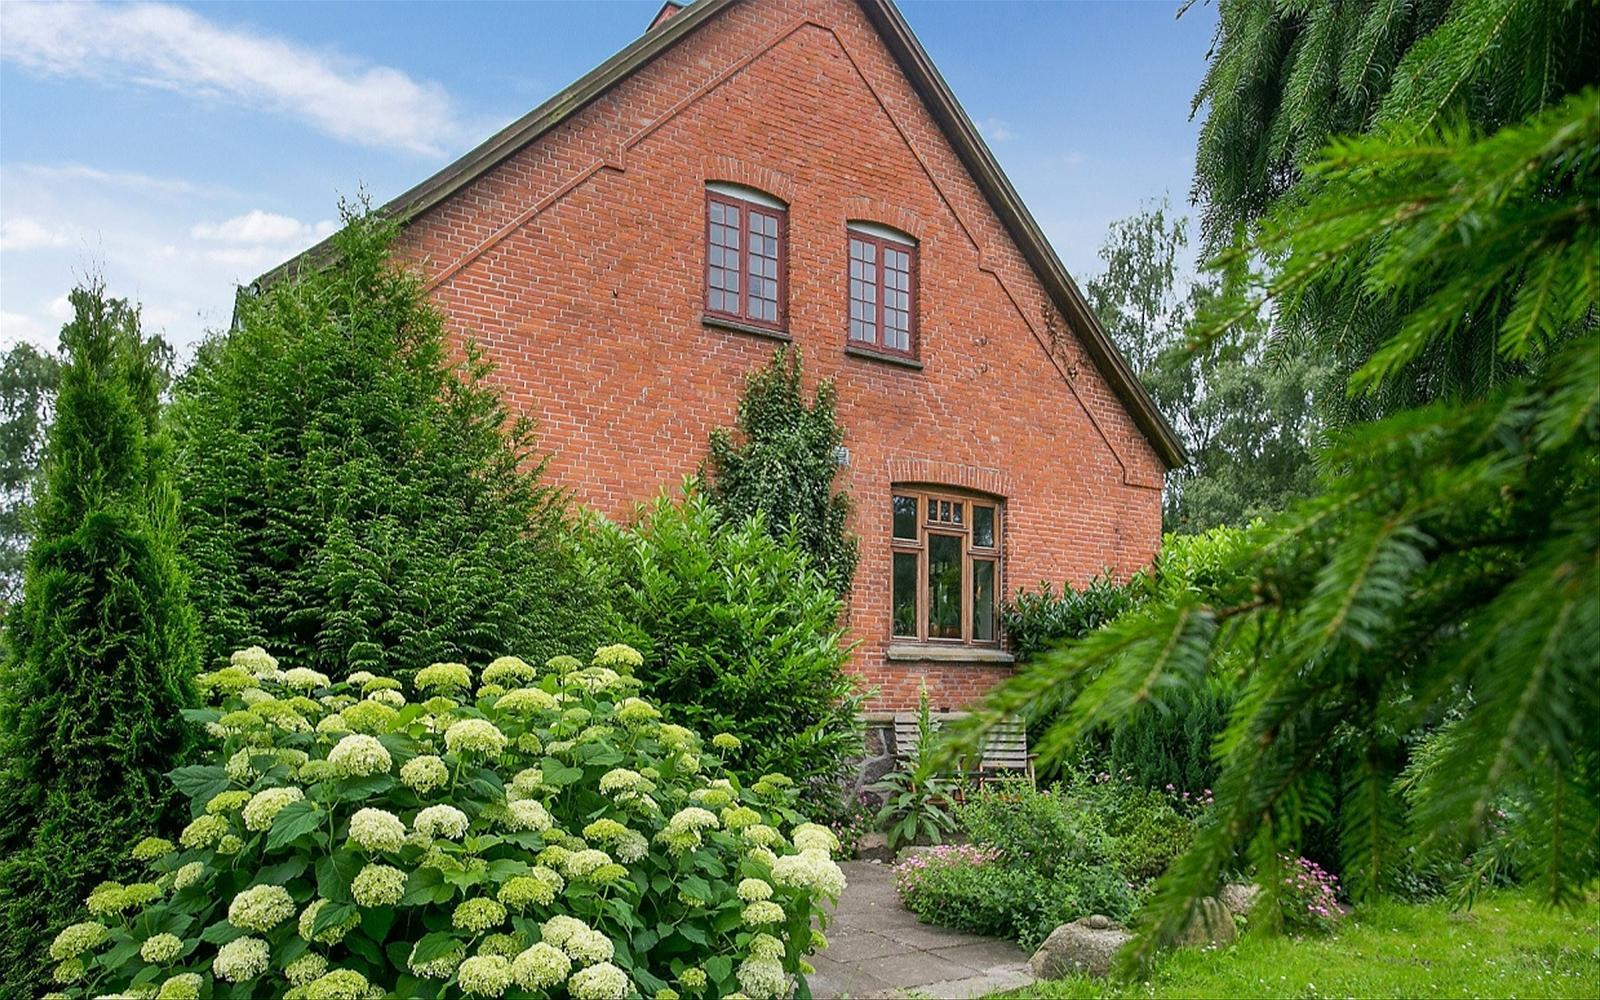 кирпичный дом кустарники клумбы цветы